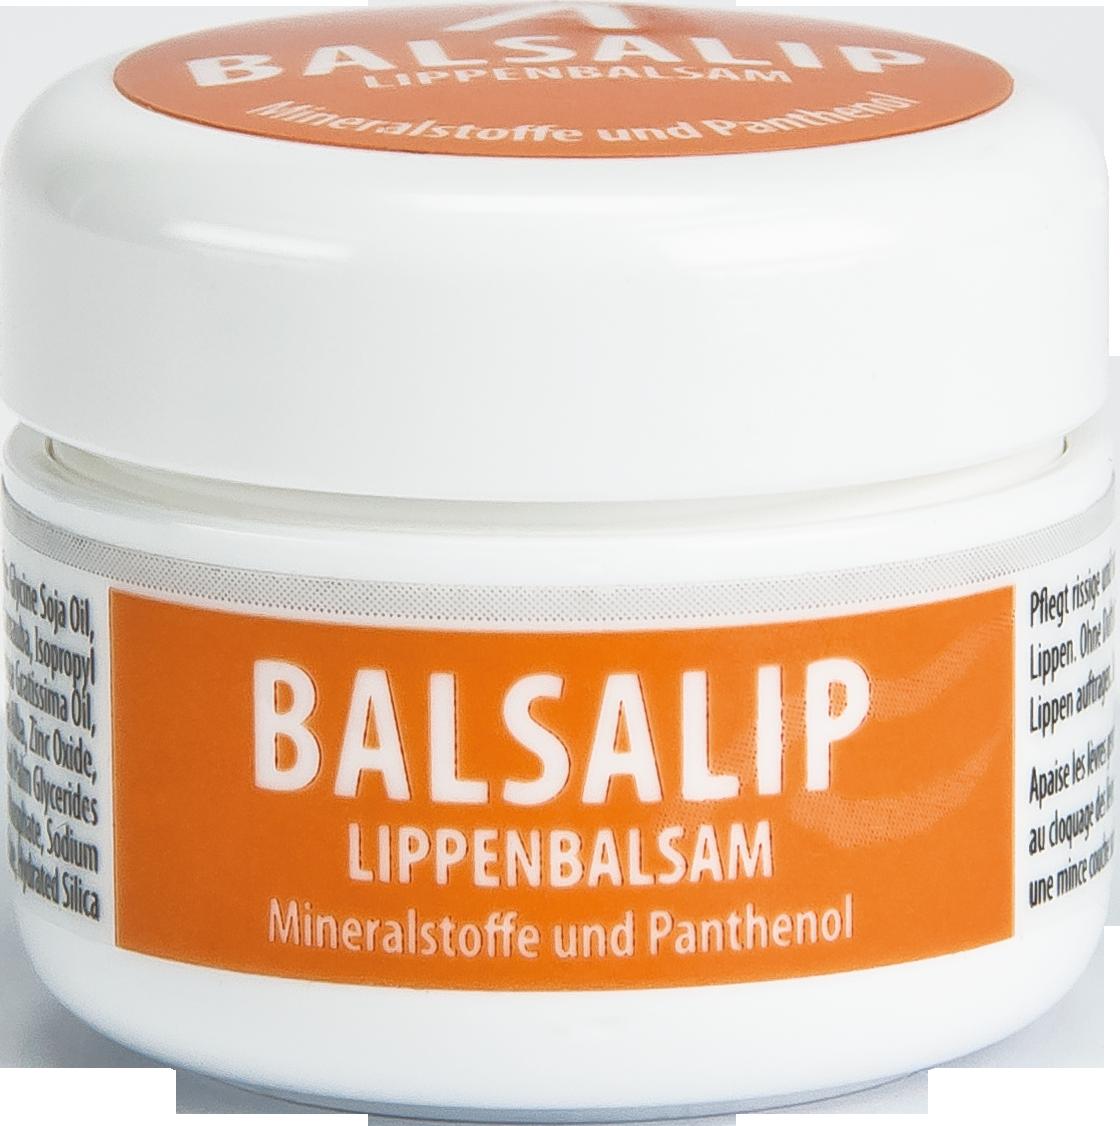 Balsalip